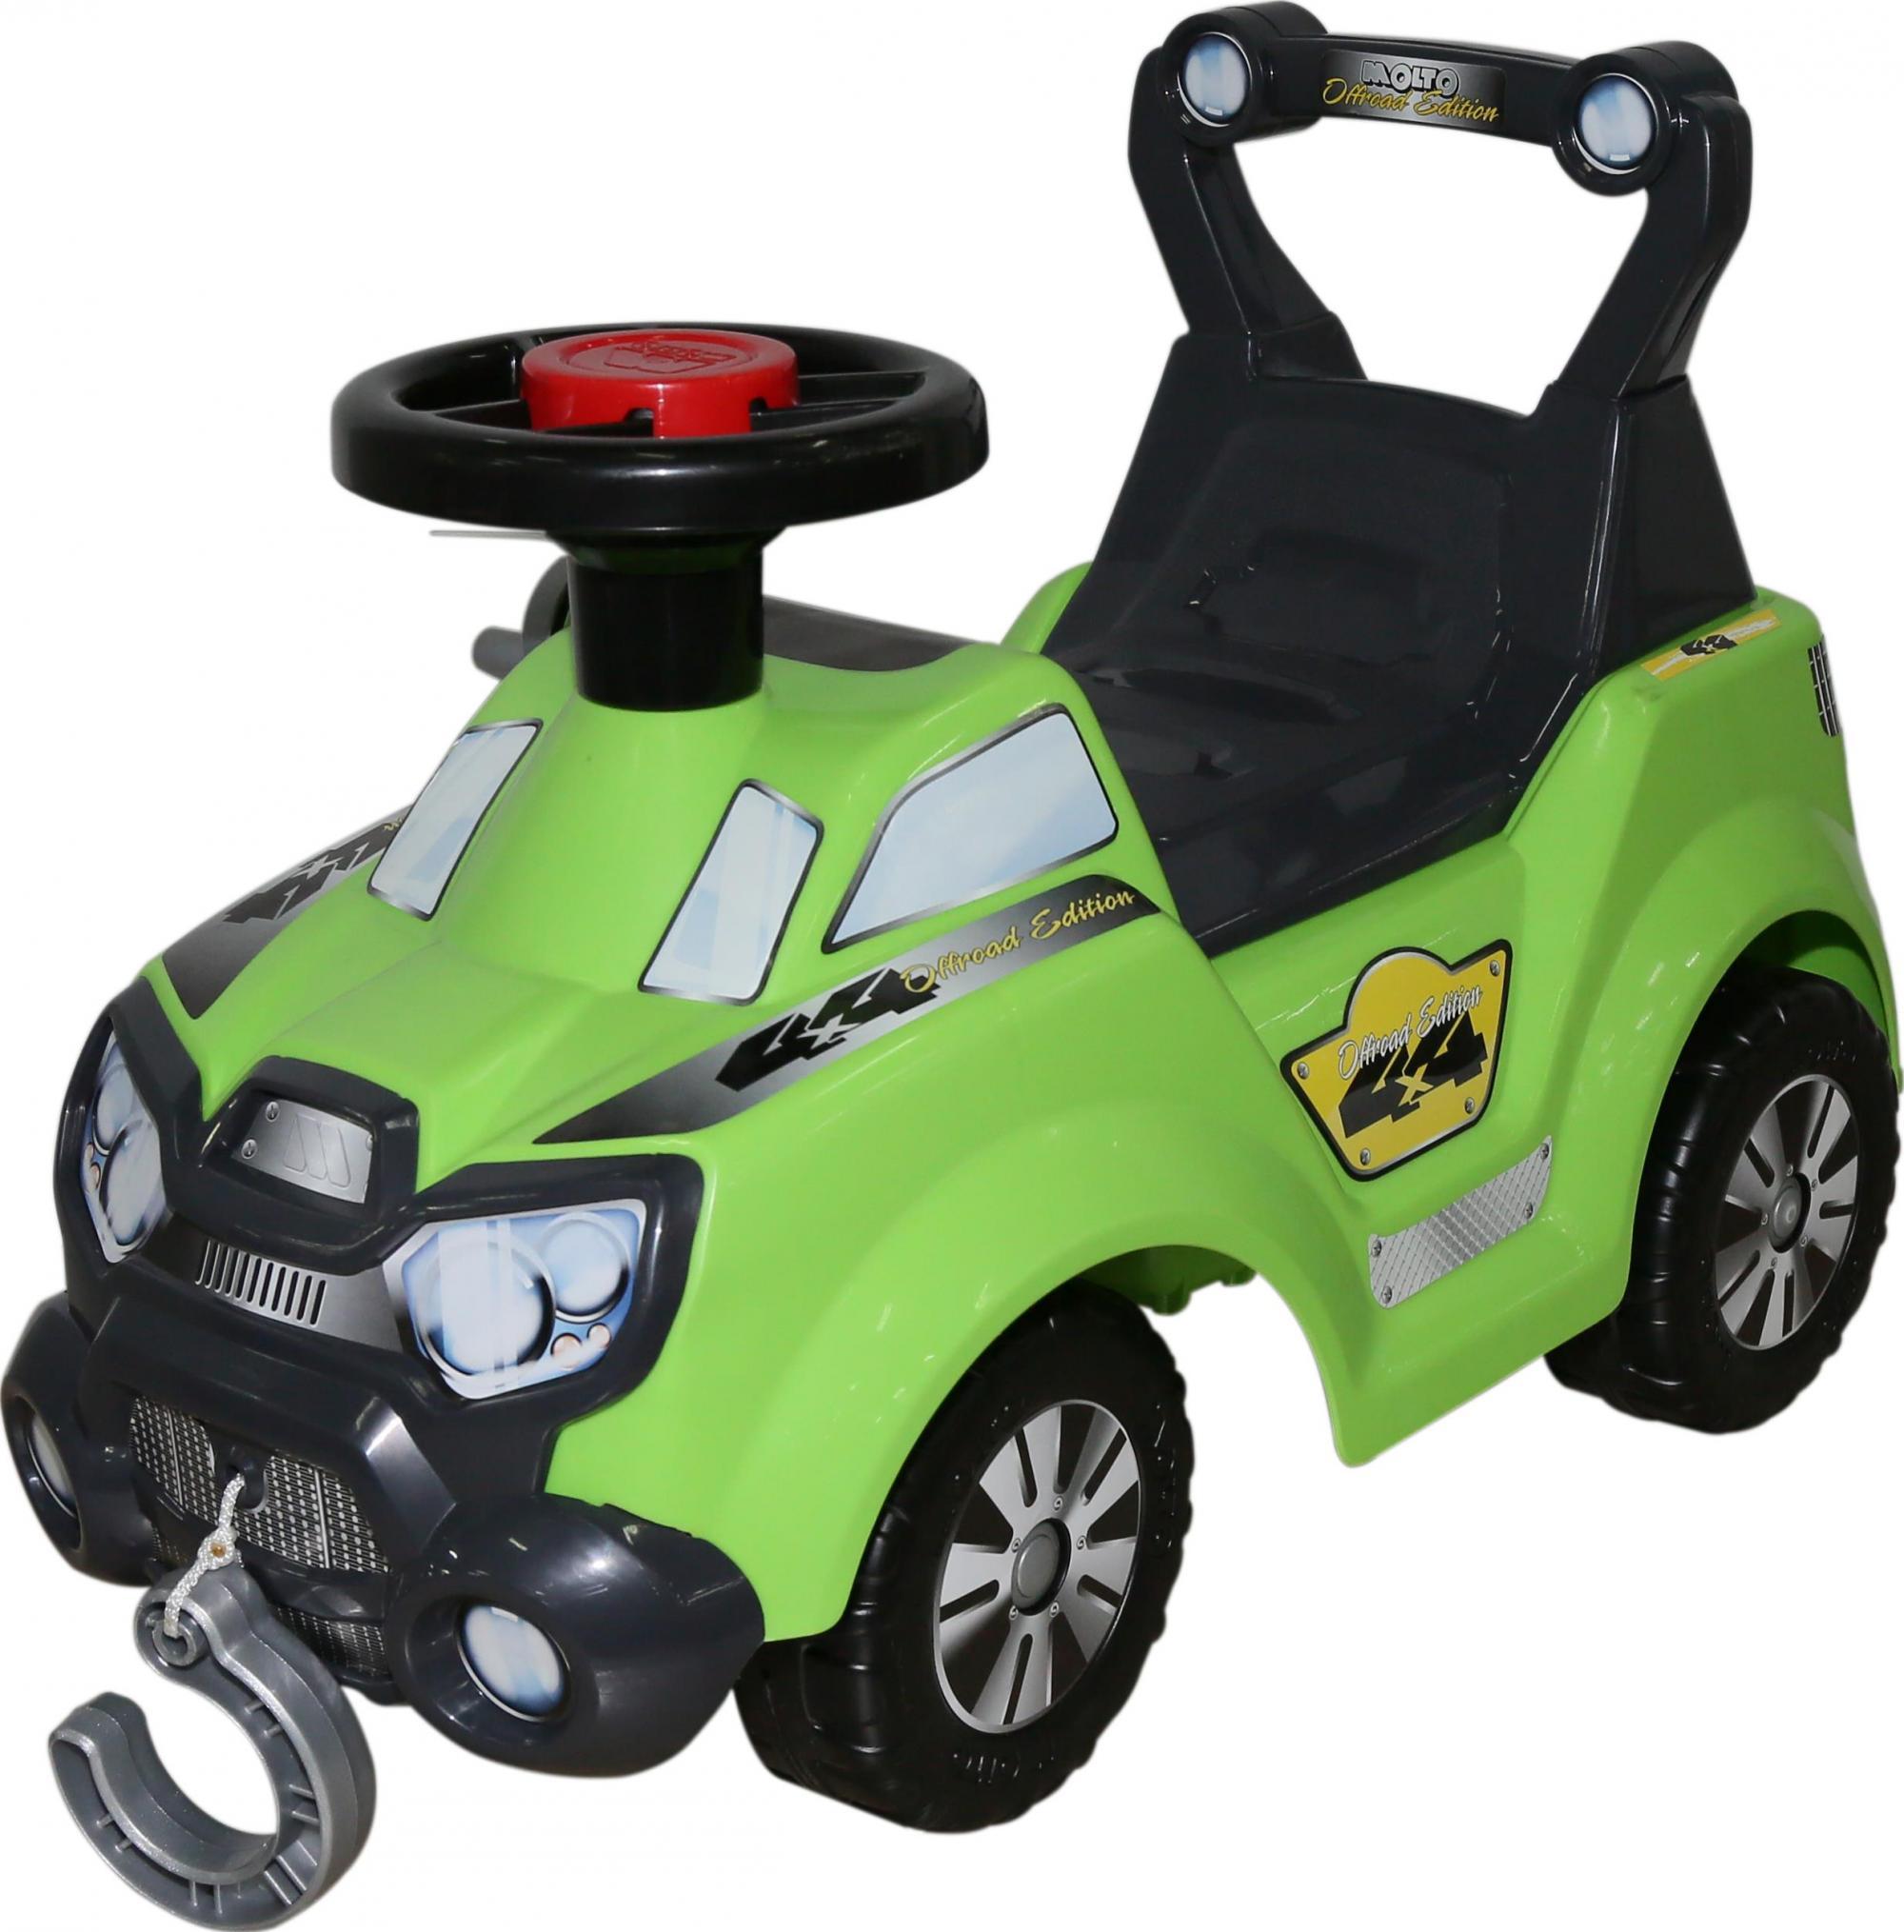 Каталка-автомобиль SokolМашинки-каталки для детей<br>Каталка-автомобиль Sokol<br>